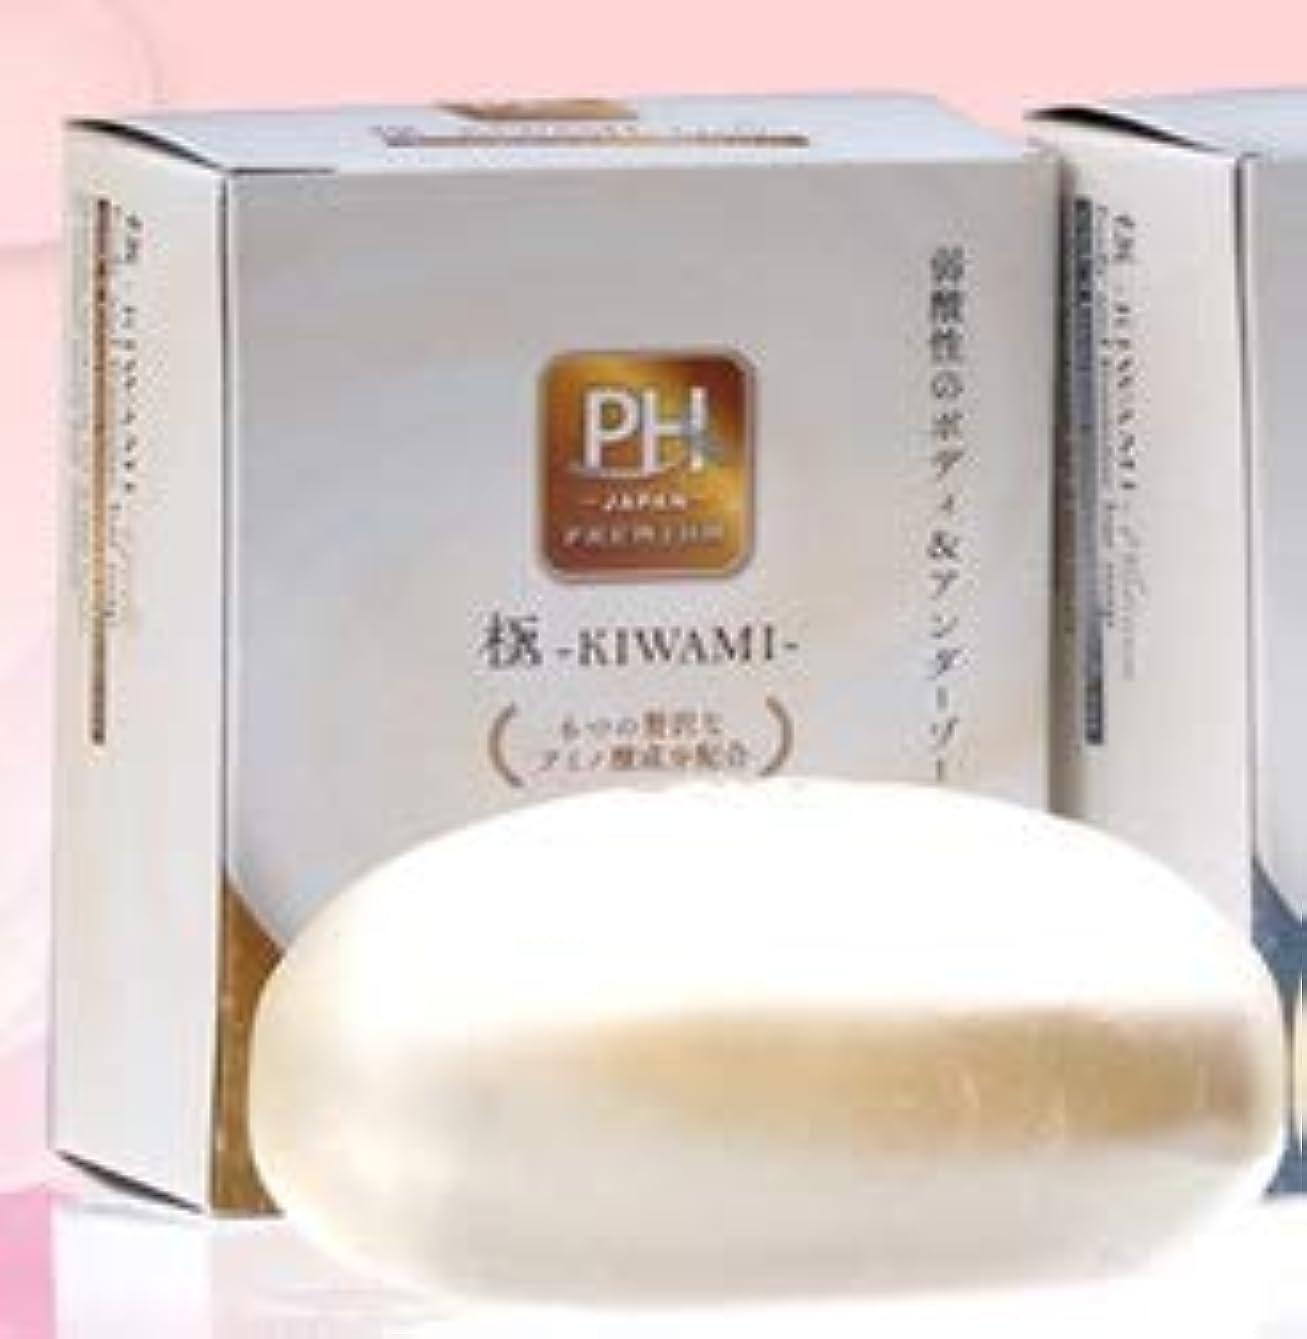 勝つ時間とともに無限弱酸性アミノ酸 透明固形石けん 極-KIWAMI-ゴールド